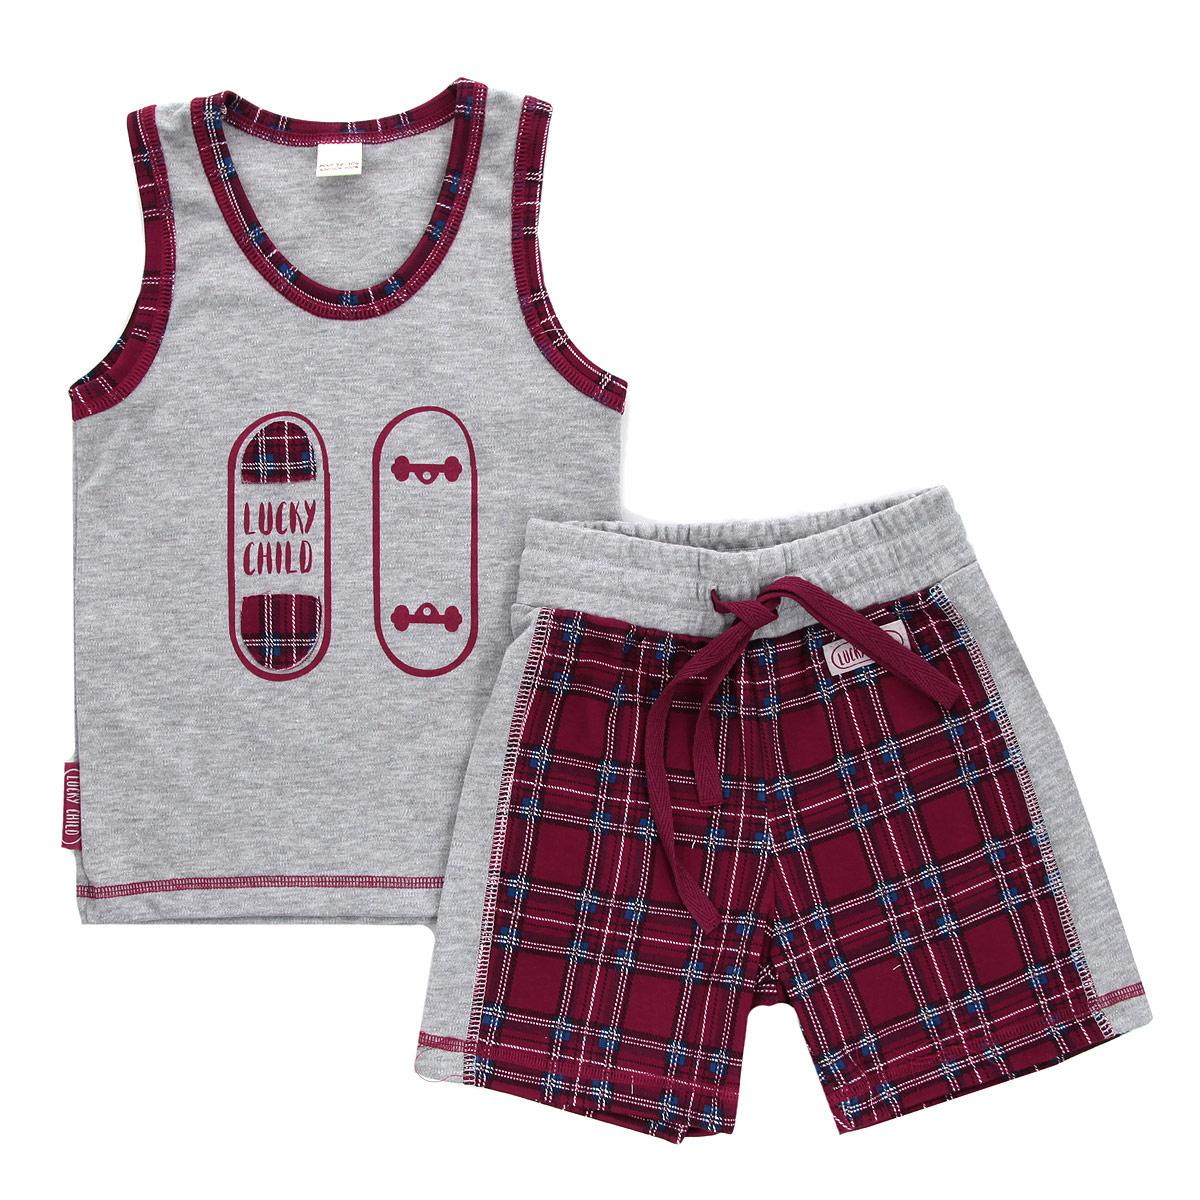 Комплект одежды13-410Комплект для мальчика Lucky Child, состоящий из майки и шорт, идеально подойдет вашему ребенку. Изготовленный из натурального хлопка - интерлока, он необычайно мягкий и приятный на ощупь, не сковывает движения и позволяет коже дышать, не раздражает даже самую нежную и чувствительную кожу ребенка, обеспечивая ему наибольший комфорт. Майка с круглым вырезом горловины оформлена спереди оригинальной аппликацией и принтом с изображением скейтборда. Горловина и пройма рукавов оформлены контрастными вставками, оформленными принтом в клетку. Низ изделия оформлен контрастной фигурной прострочкой. Шортики на талии имеют широкую эластичную резинку со шнурком, благодаря чему они не сдавливают живот ребенка и не сползают. Оформлено изделие принтом в клетку и украшено небольшой нашивкой с названием бренда. Оригинальный дизайн и расцветка делают этот комплект незаменимым предметом детского гардероба. В нем вашему маленькому мужчине будет комфортно и уютно, и он всегда будет в...